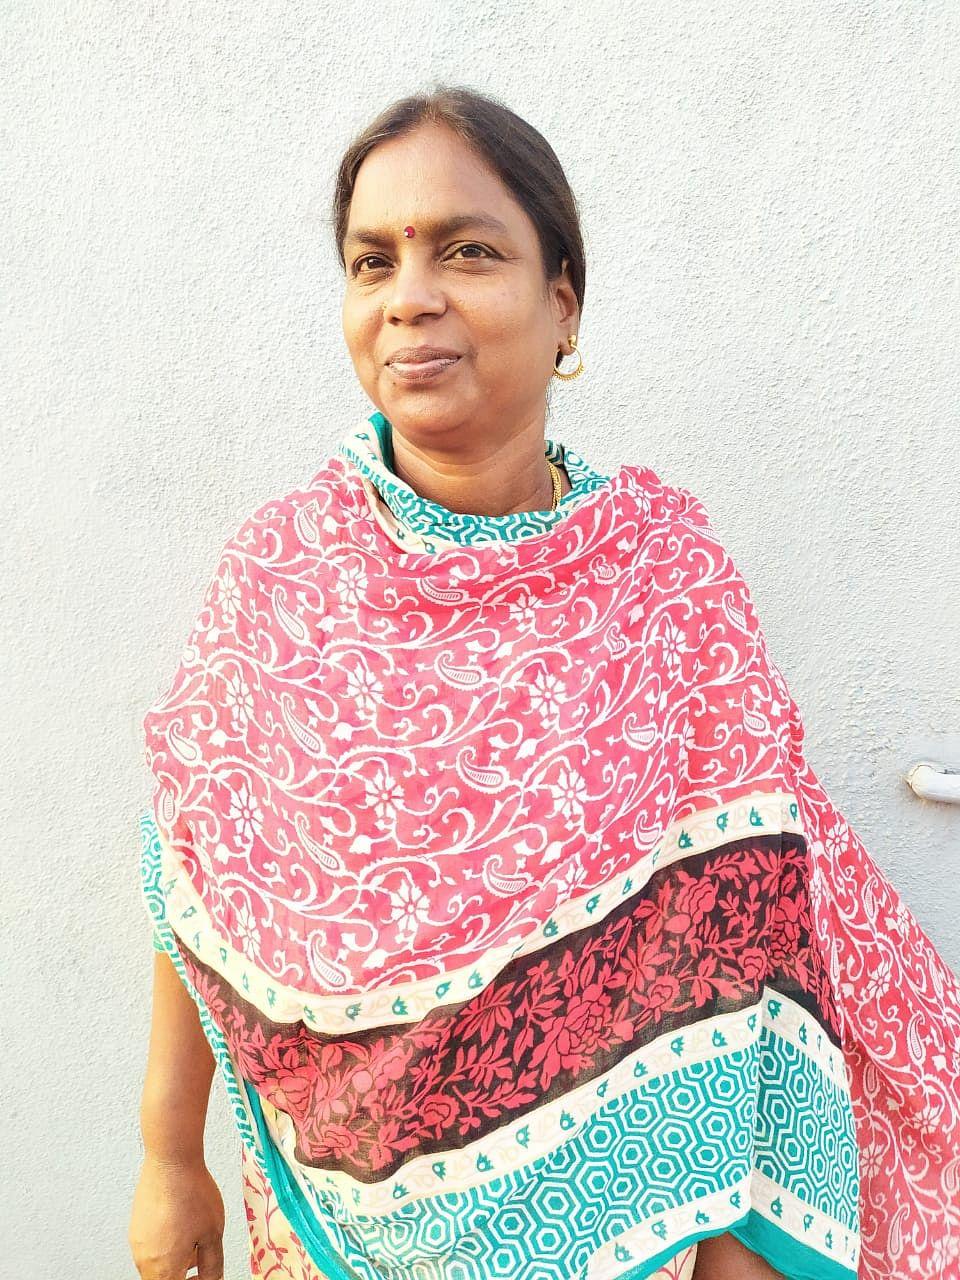 கோமலா, தன்னார்வலர்.